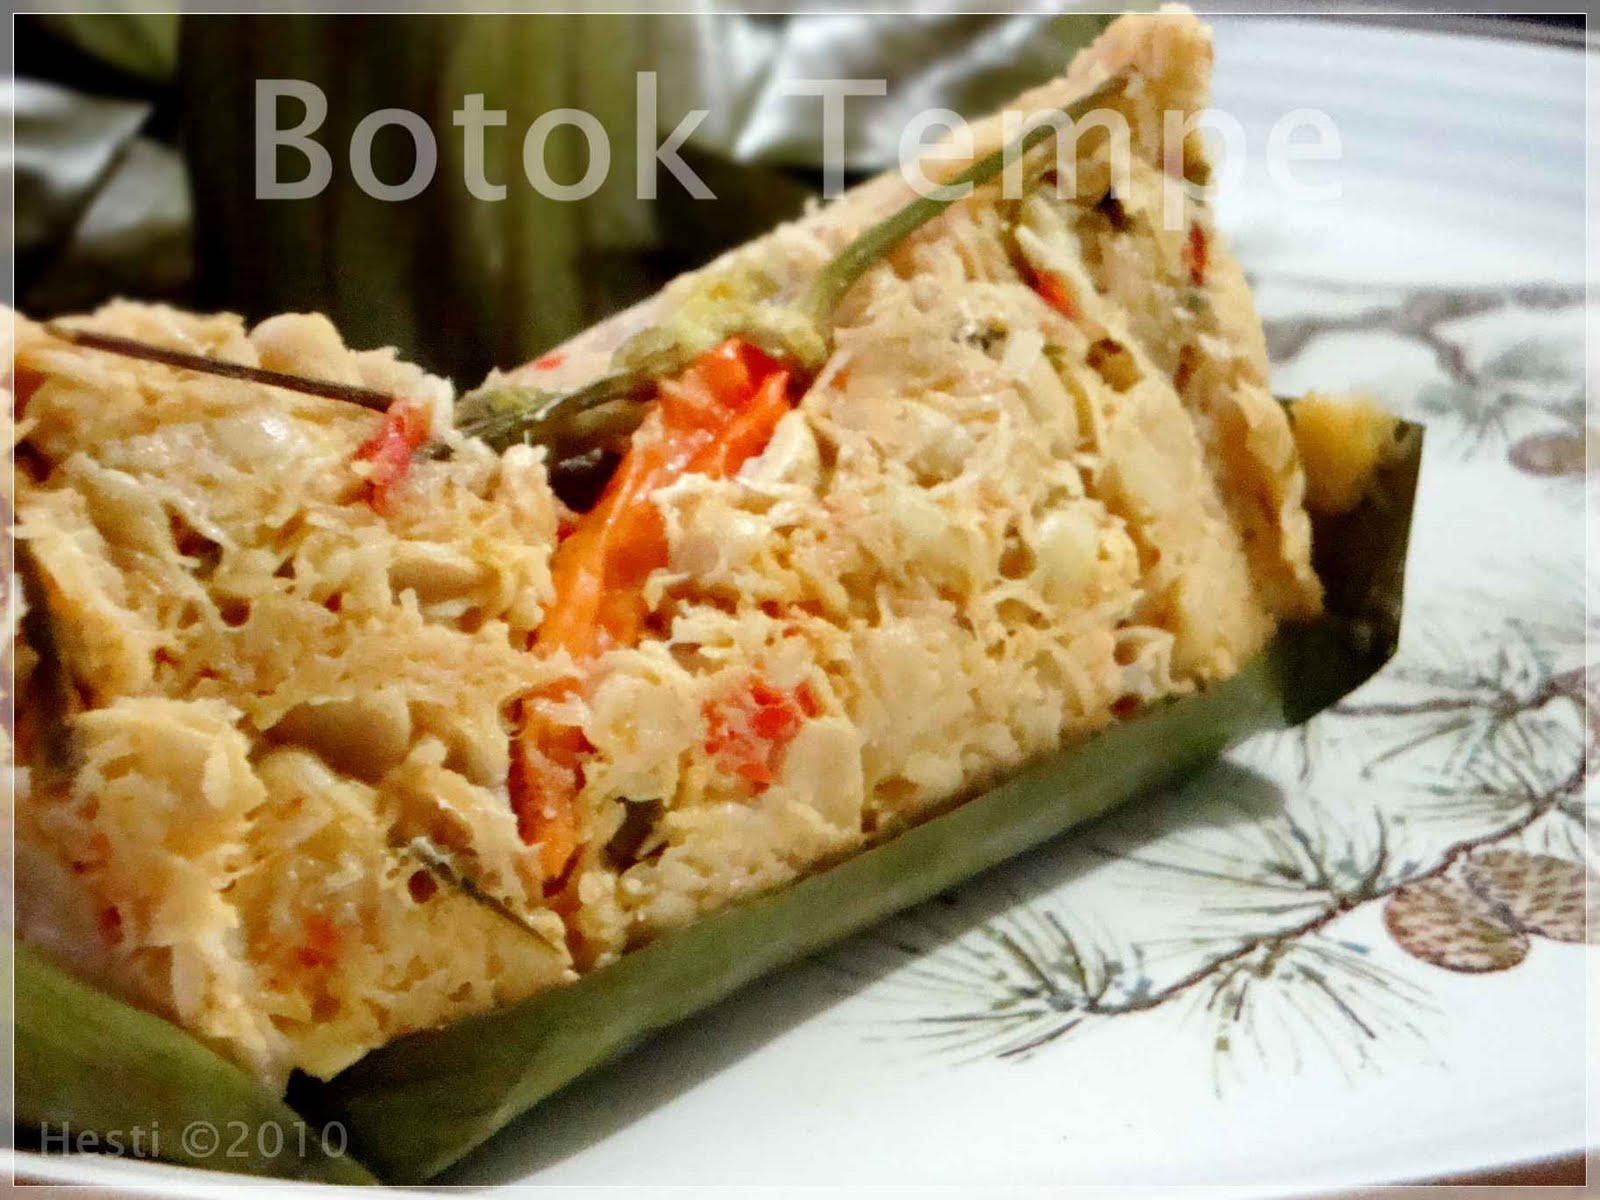 HESTI'S KITCHEN : Yummy For Your Tummy: Botok Tempe